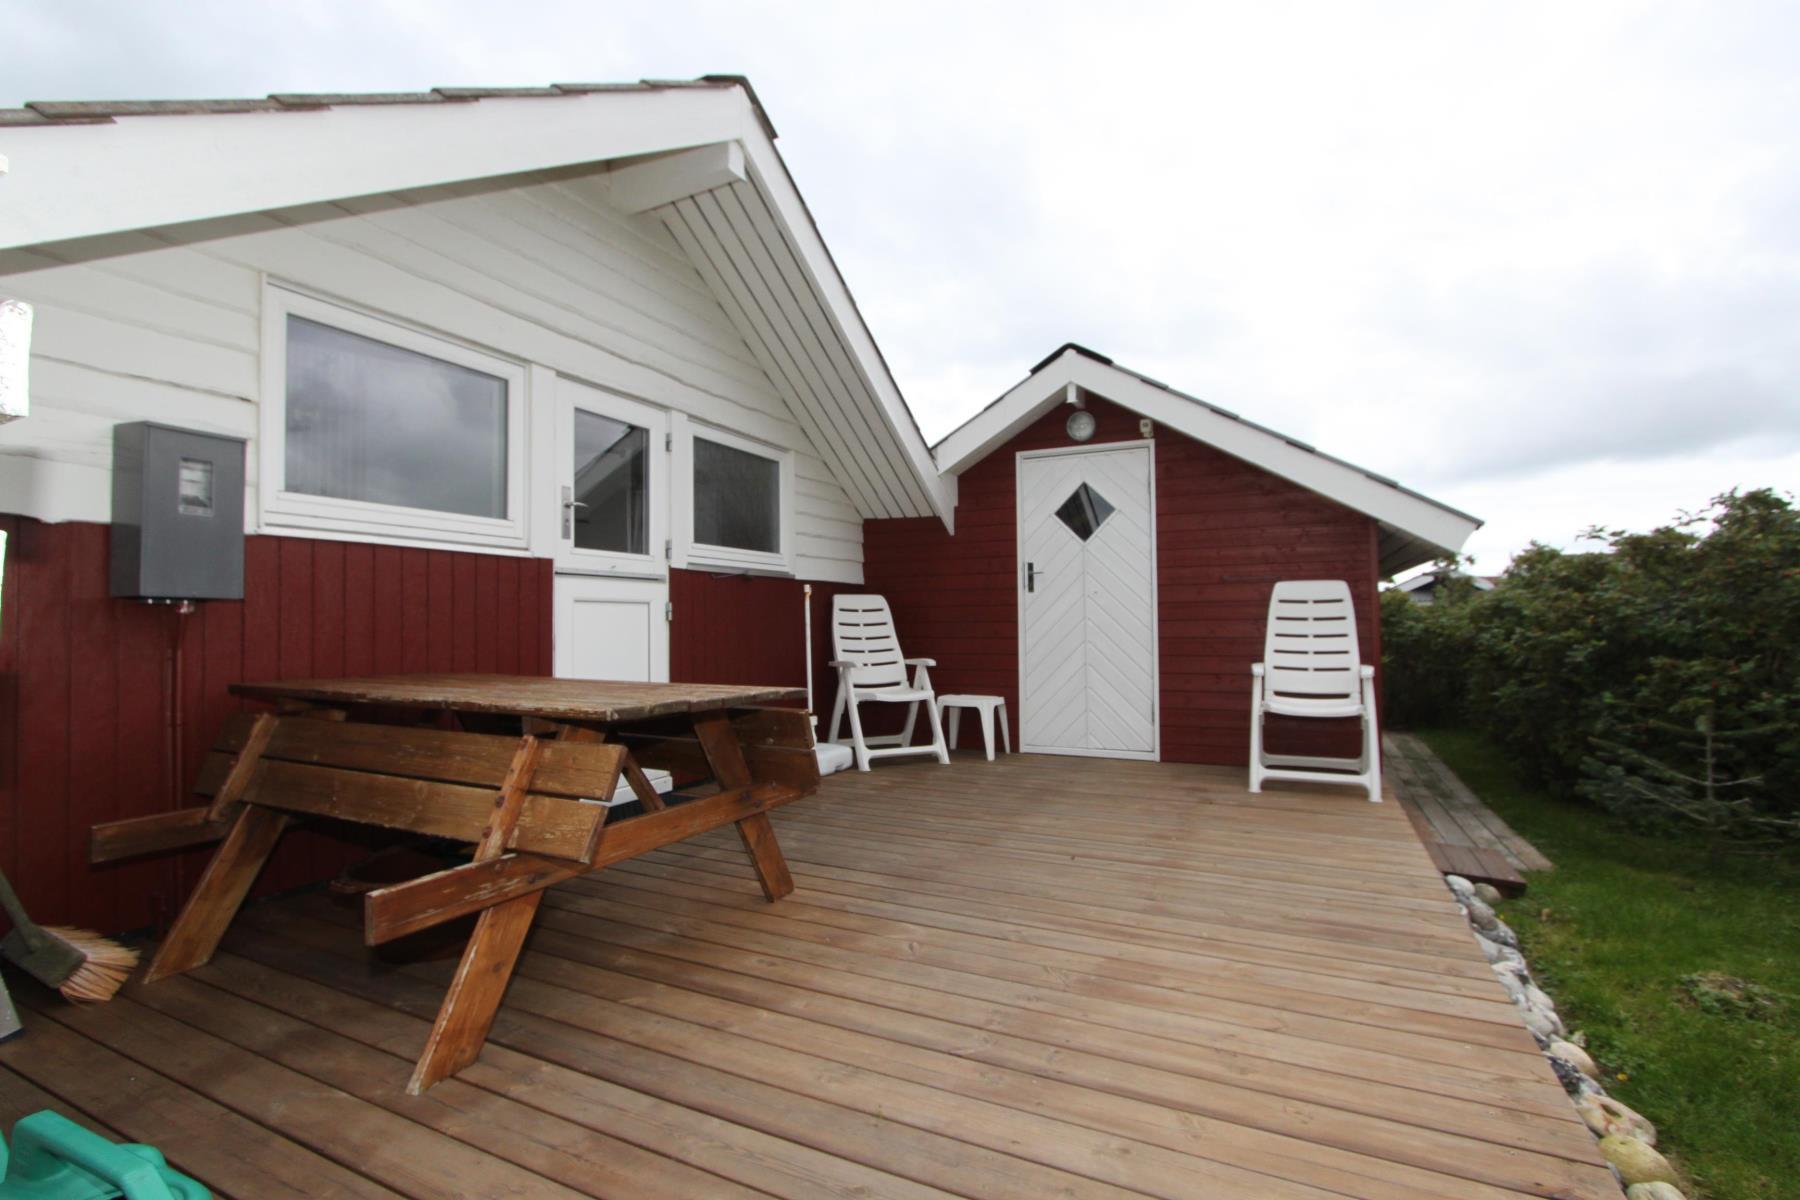 ferienhaus in vejlby klit f r 4 personen mit sauna und internet. Black Bedroom Furniture Sets. Home Design Ideas